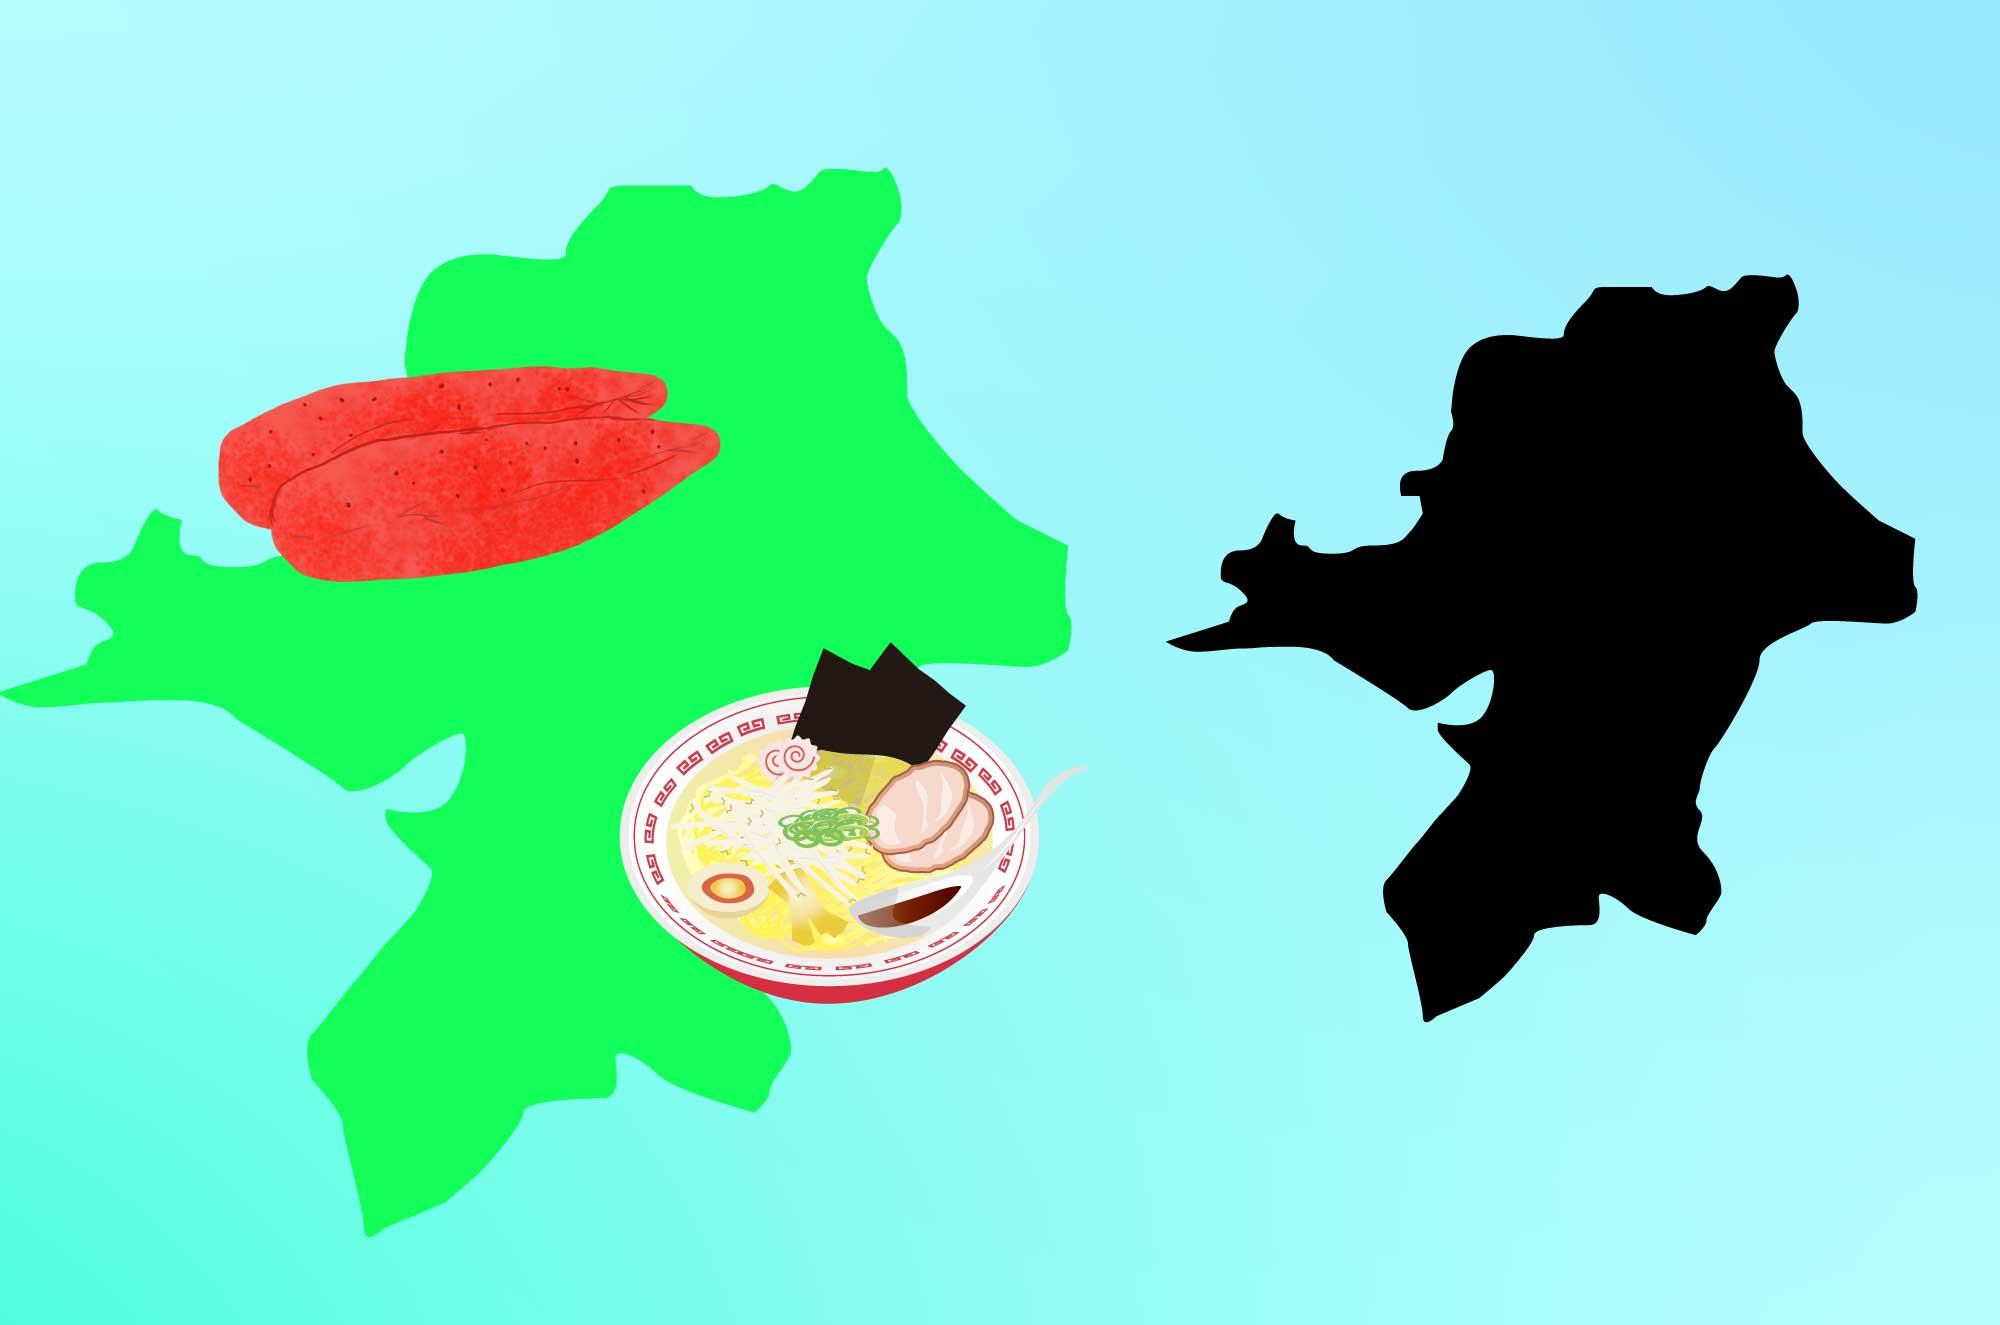 福岡のフリーイラスト - 名産と地図の無料素材